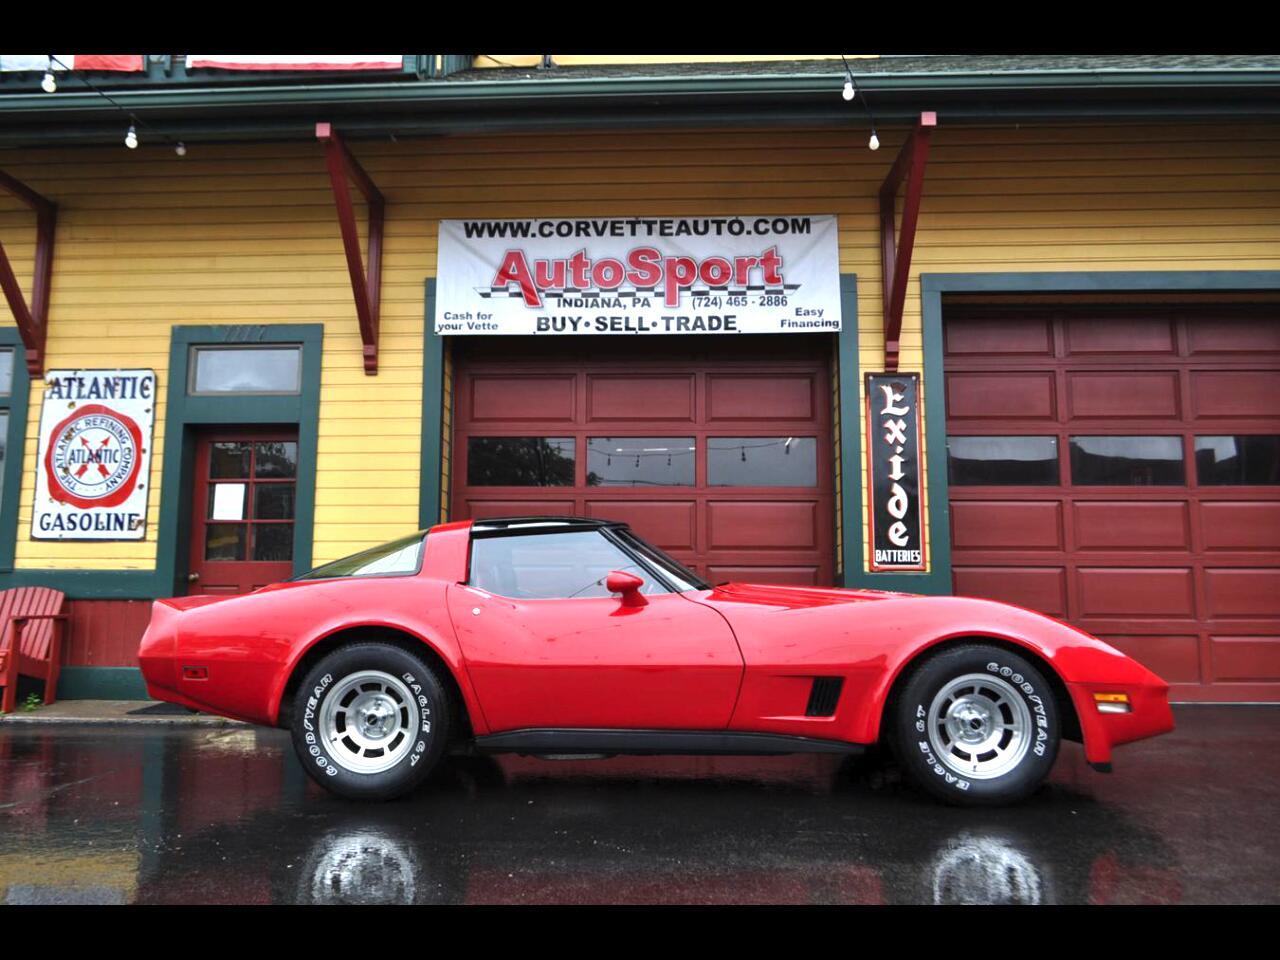 1981 Chevrolet Corvette 1981 Red/Red 19k Org Miles Org Docs!